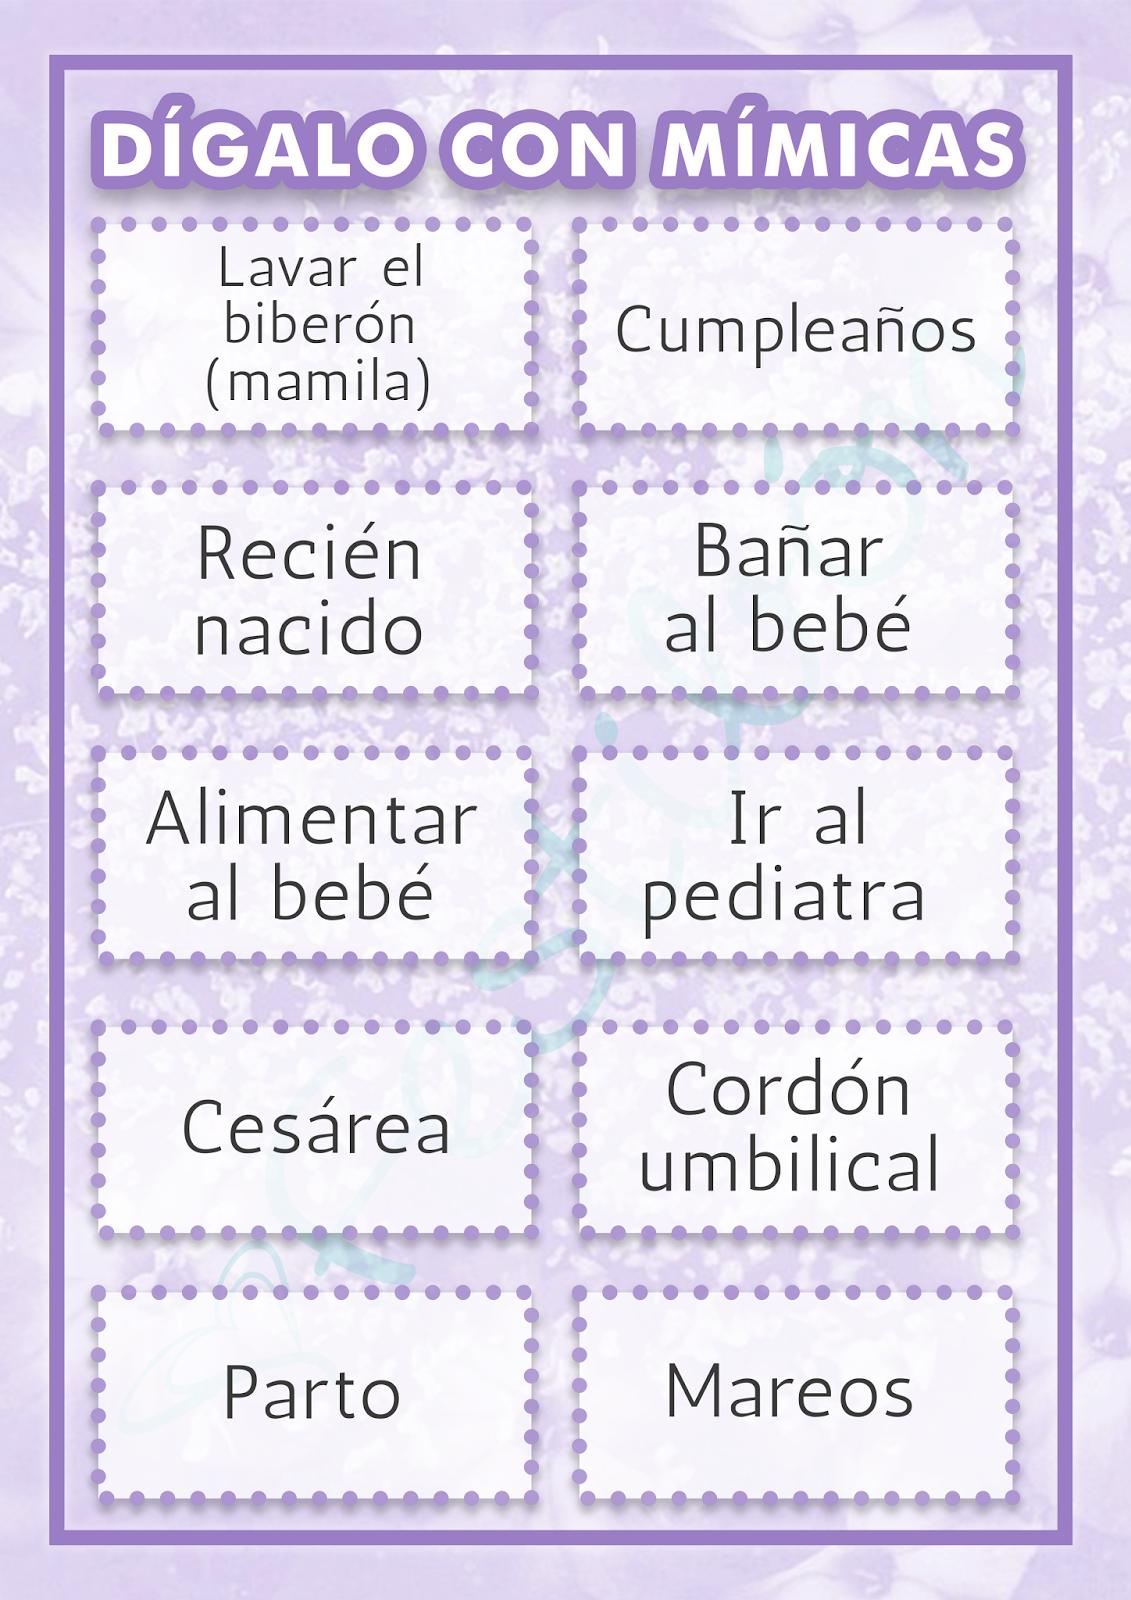 Digalo Con Mimicas Juegos Para Baby Shower Para Imprimir Juegos